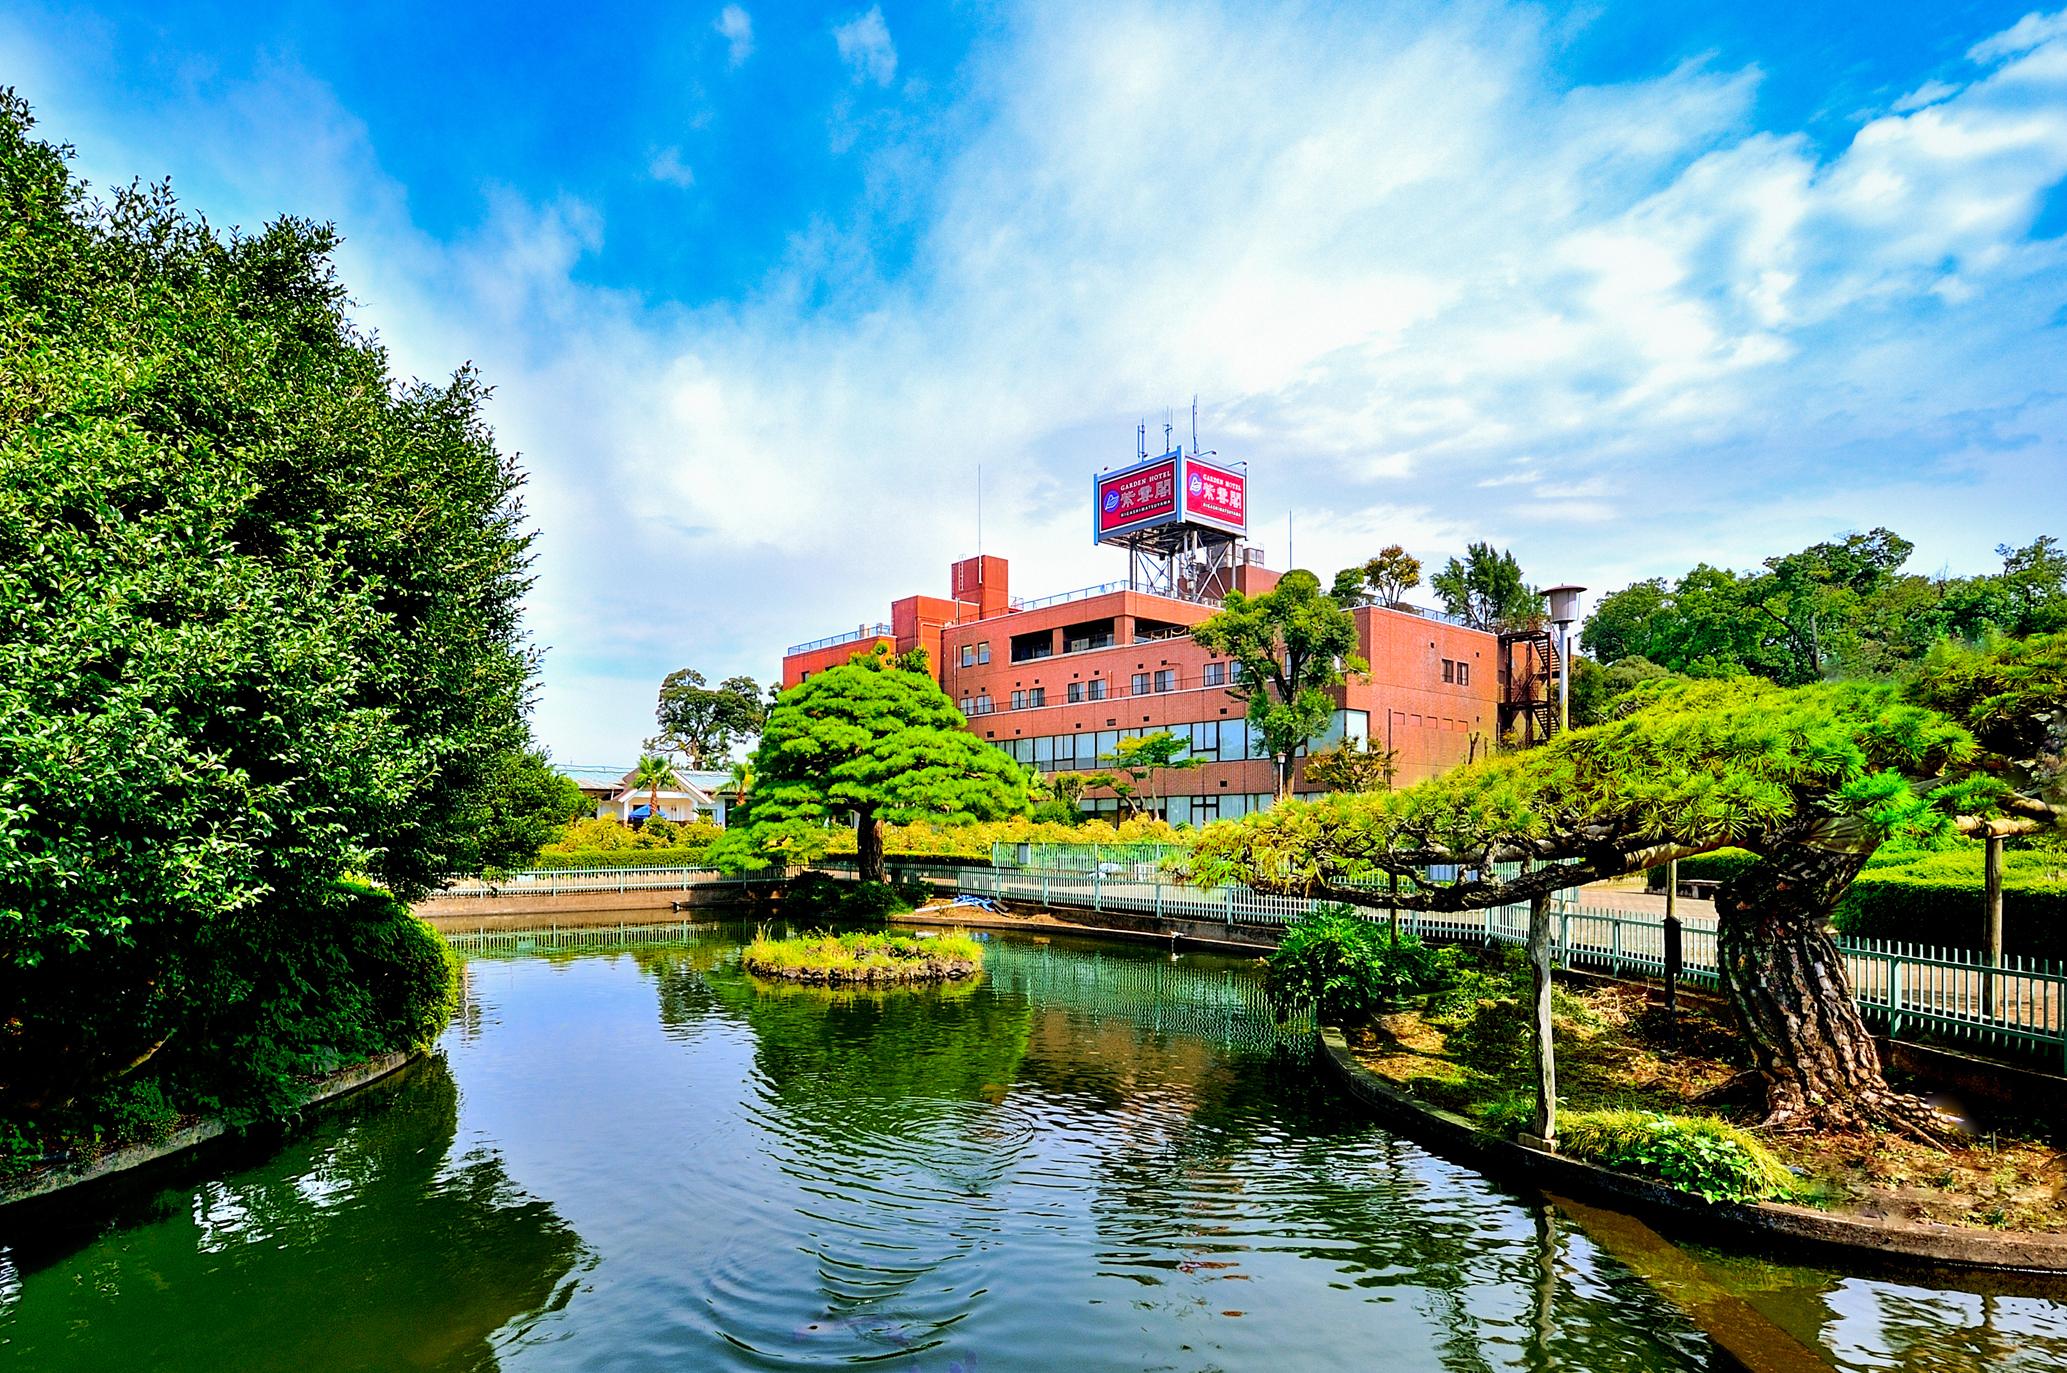 紫雲閣は家族連れにおすすめな宿泊施設!おしゃれなカフェもご紹介!